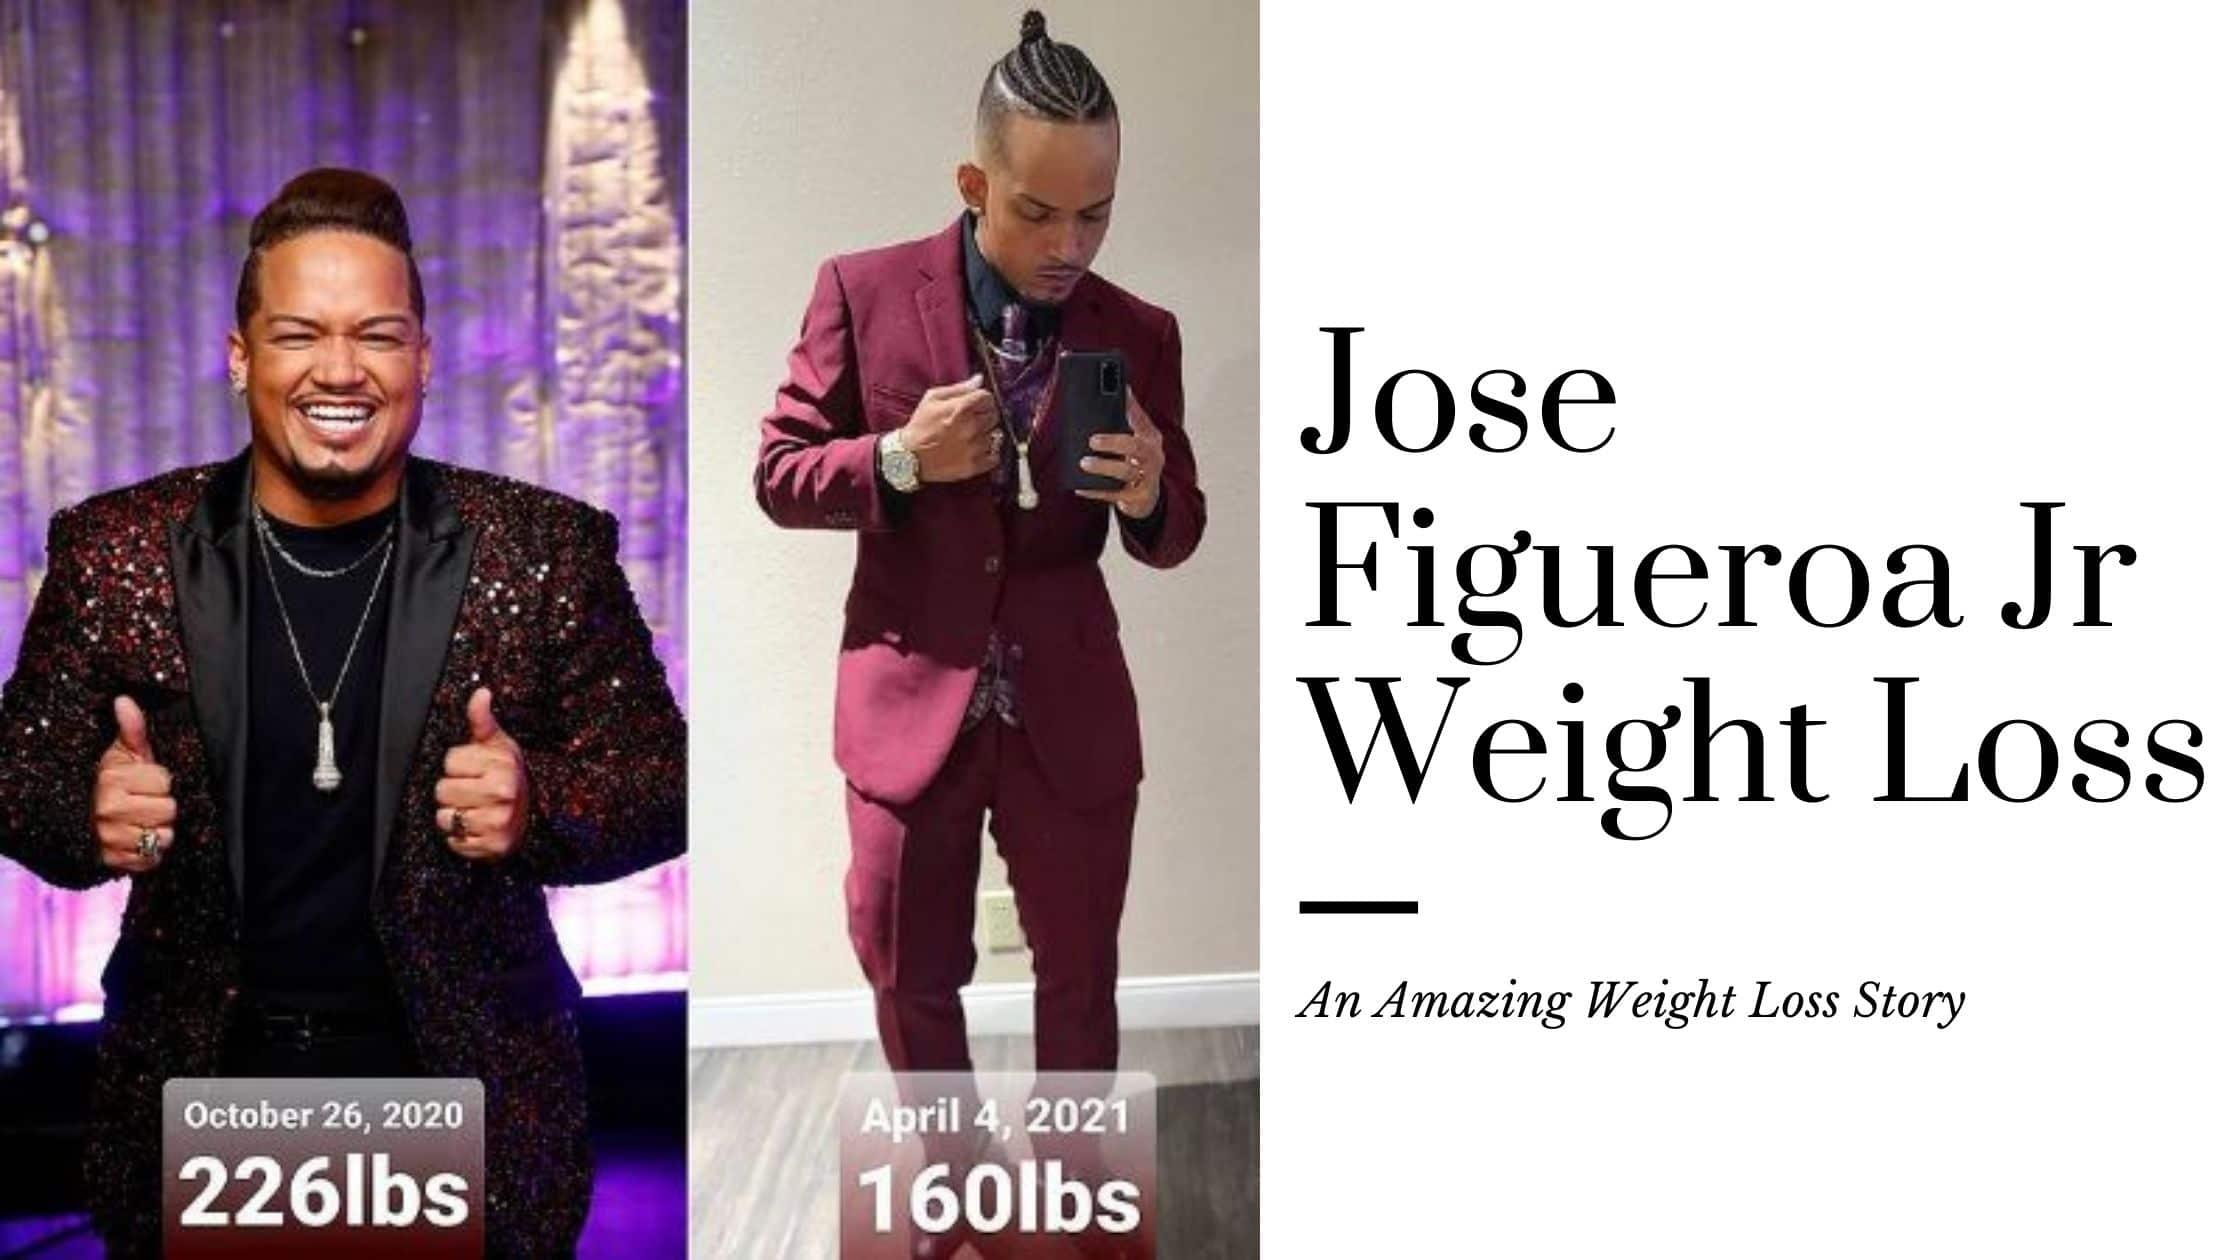 Jose Figueroa Jr Weight Loss